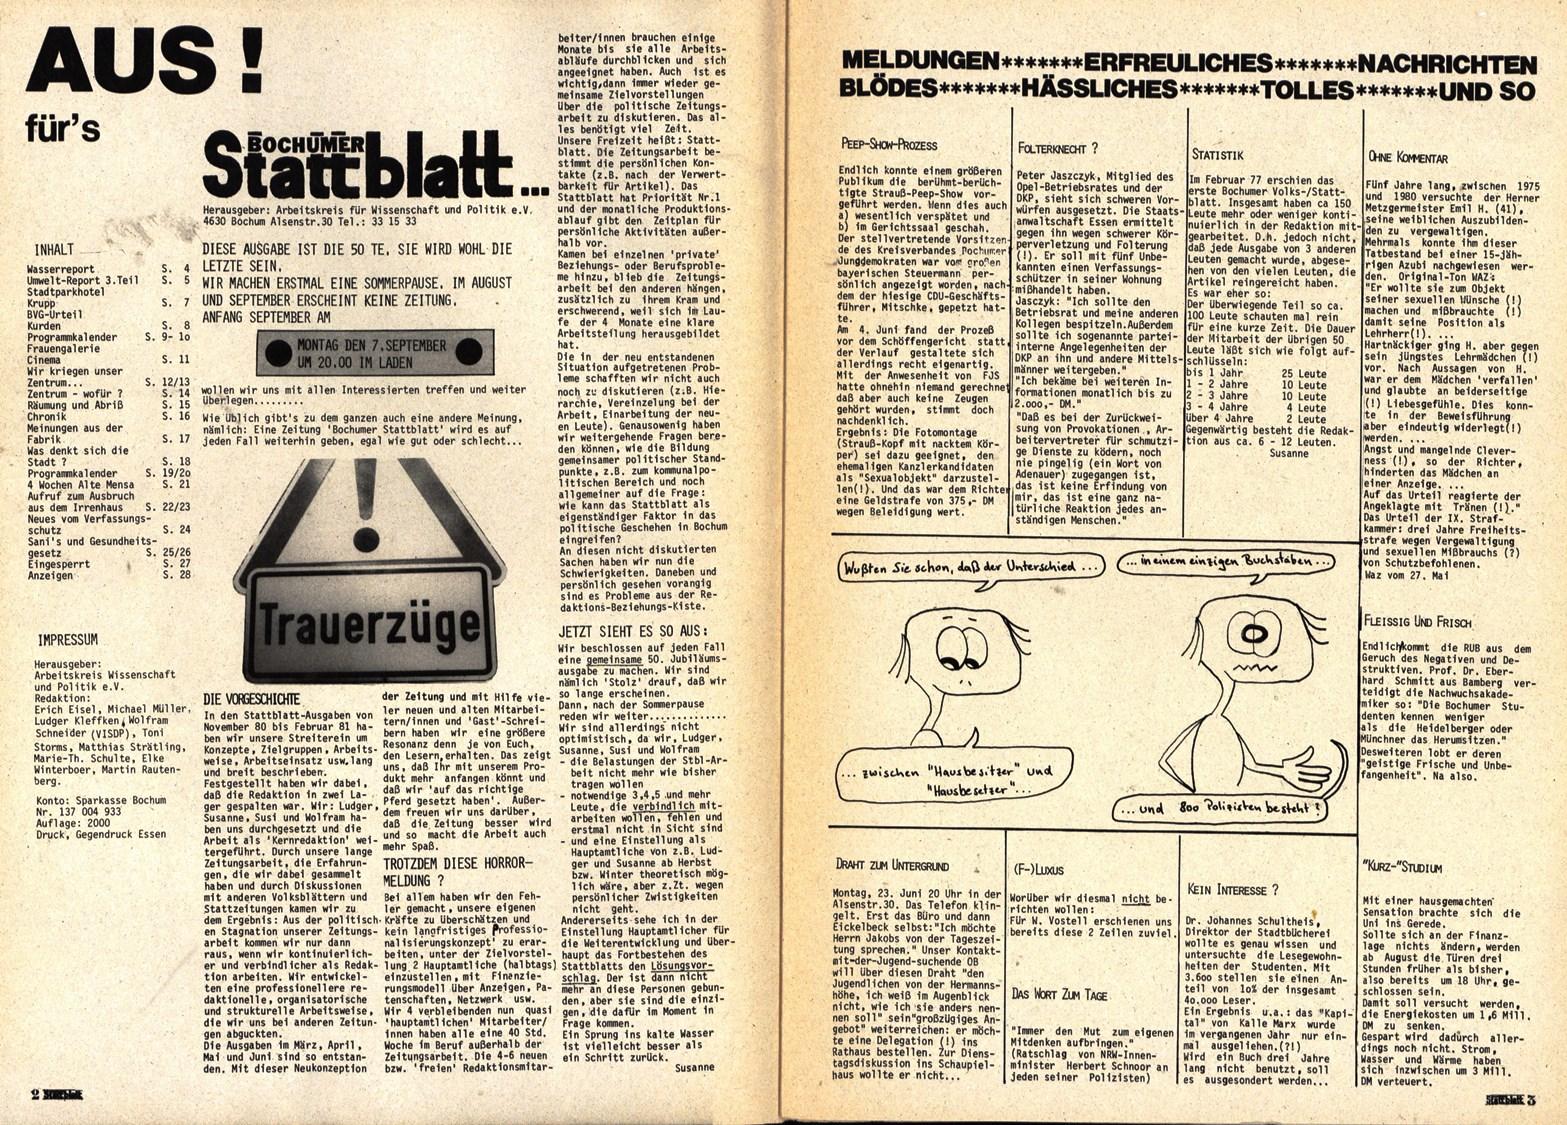 Bochum_Stattblatt_19810700_50_02